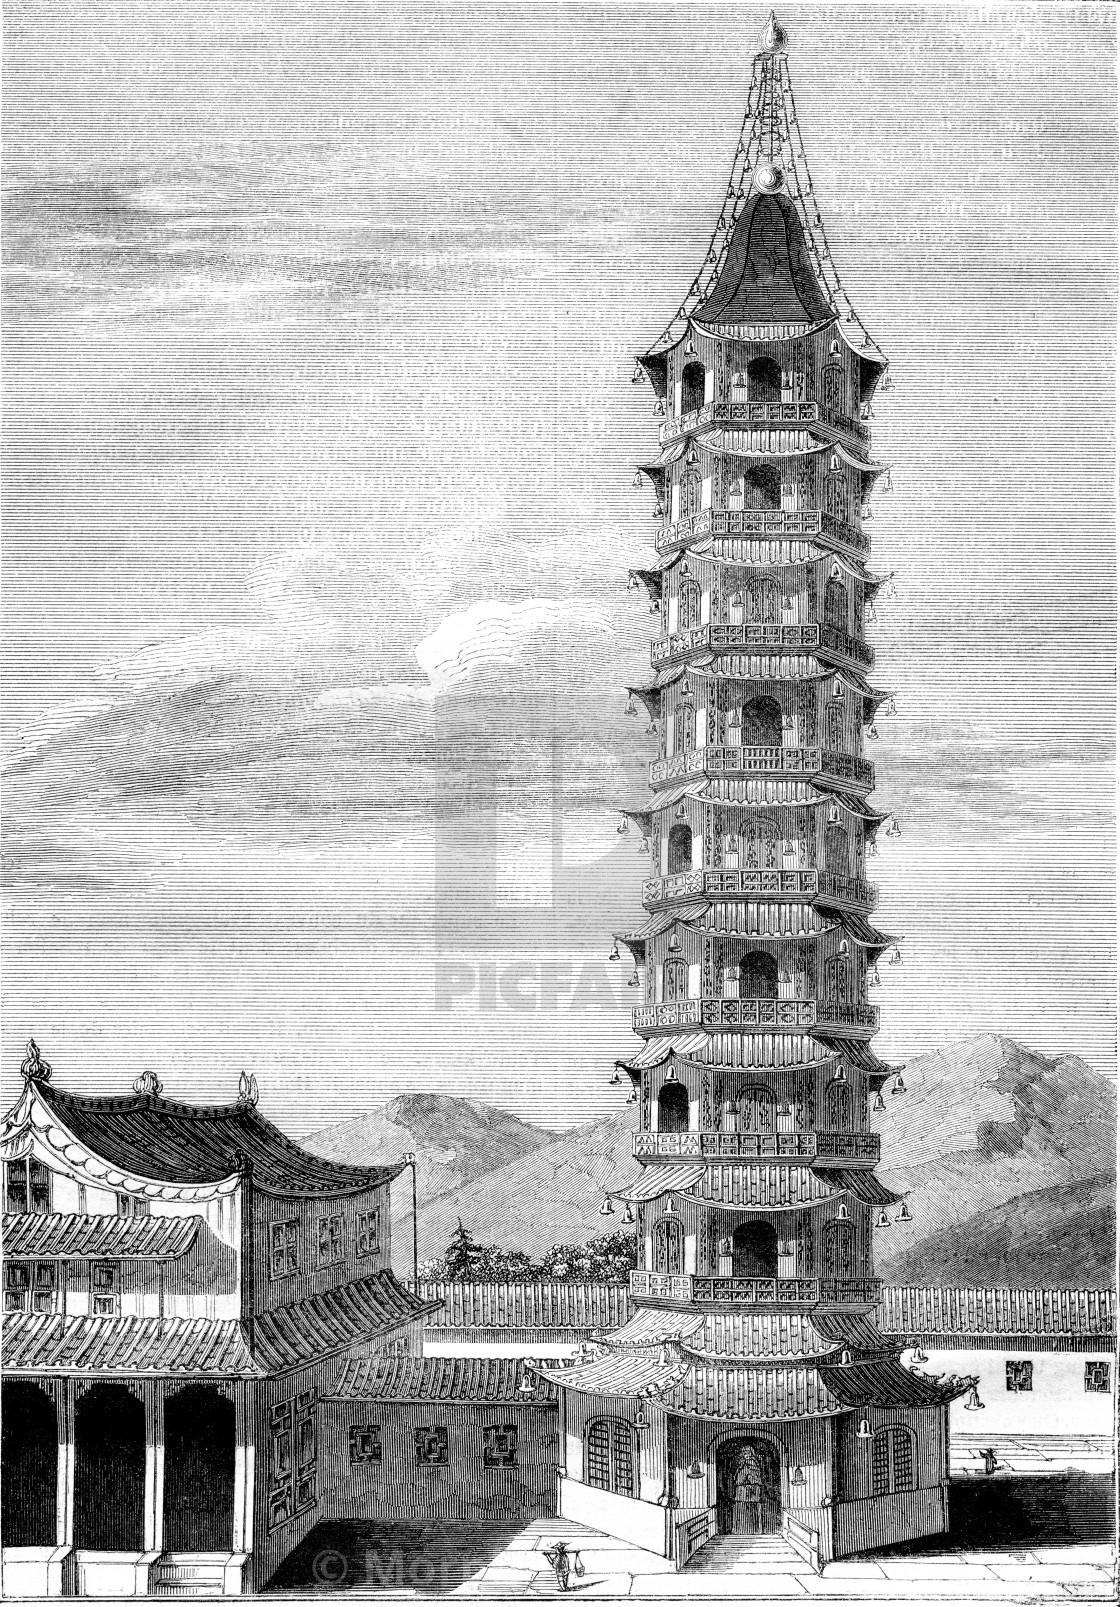 Porcelain Tower of Nanjing, vintage engraving. - License, download